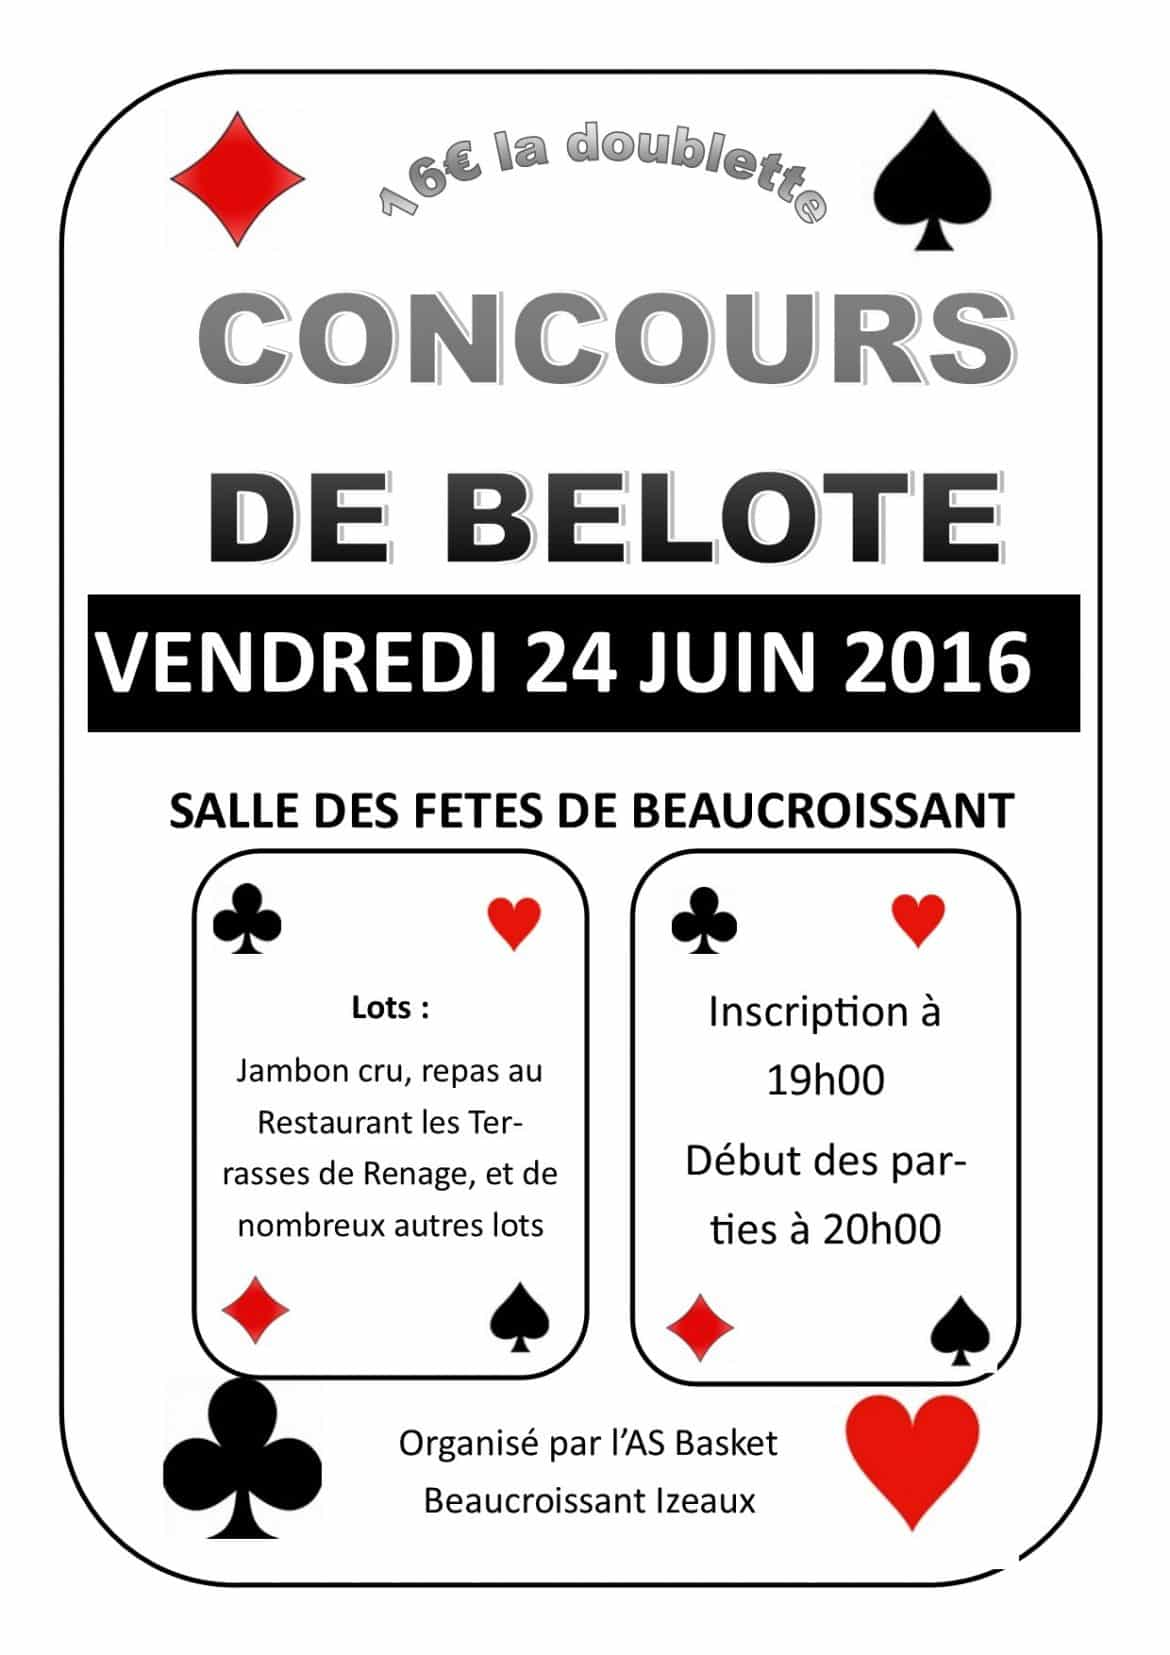 Tournoi de belote le 24 juin 2016 à Beaucroissant